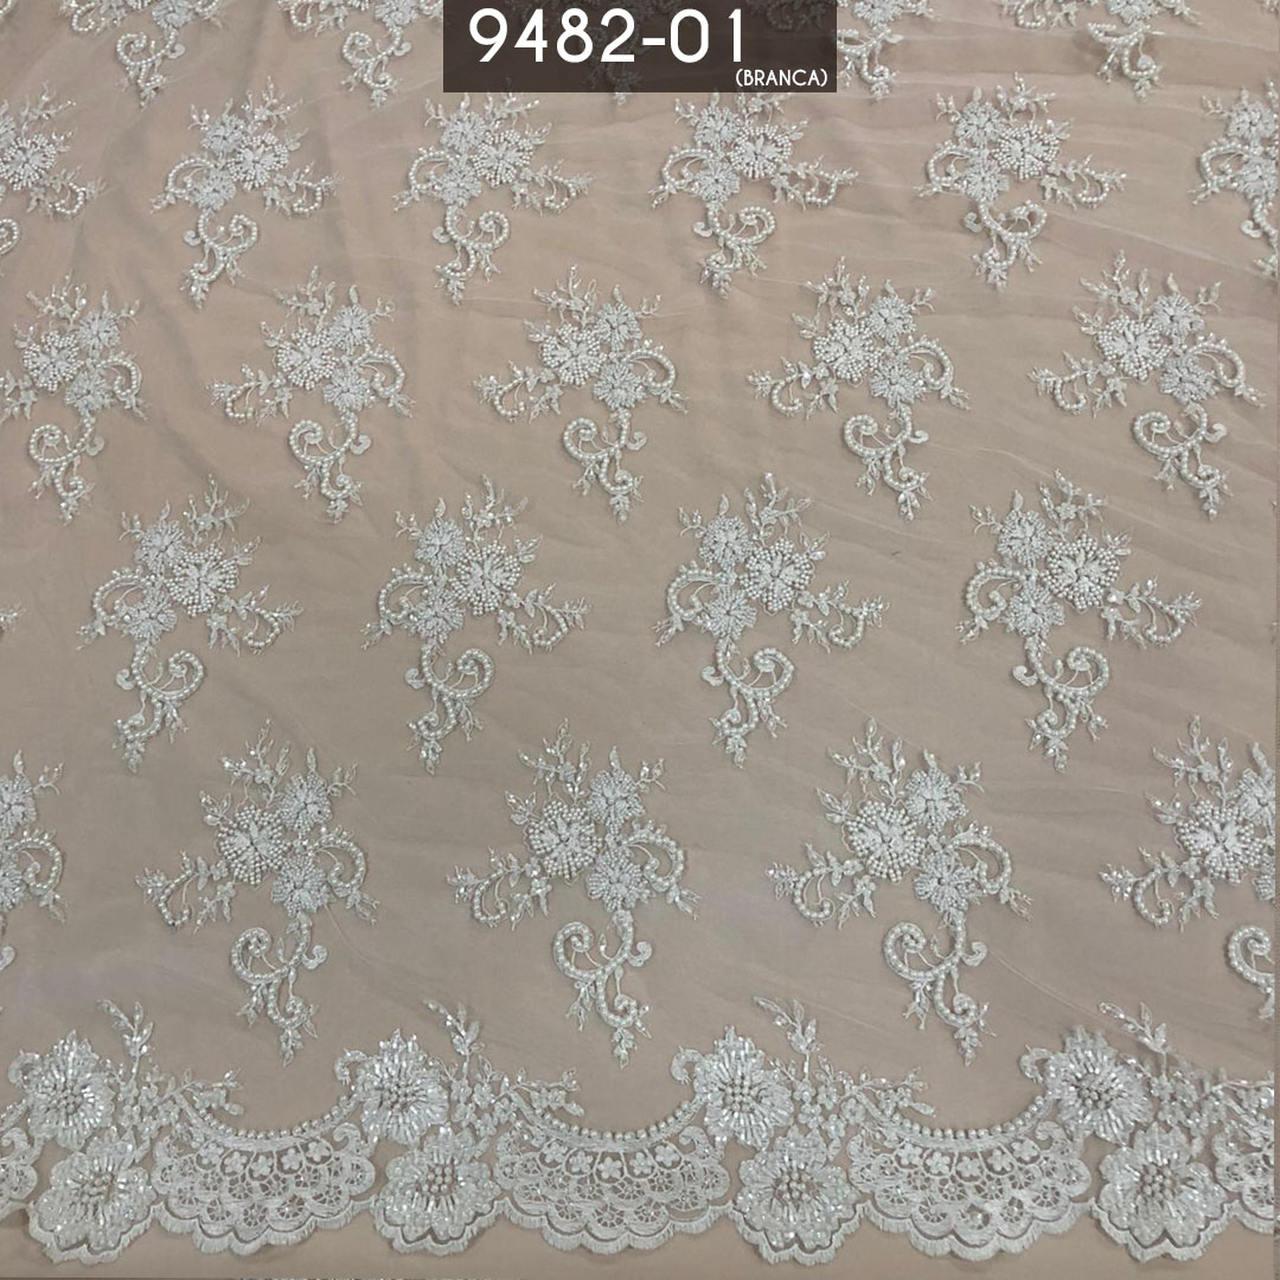 Tecido Renda Tule Bordado Com Pedraria Branco